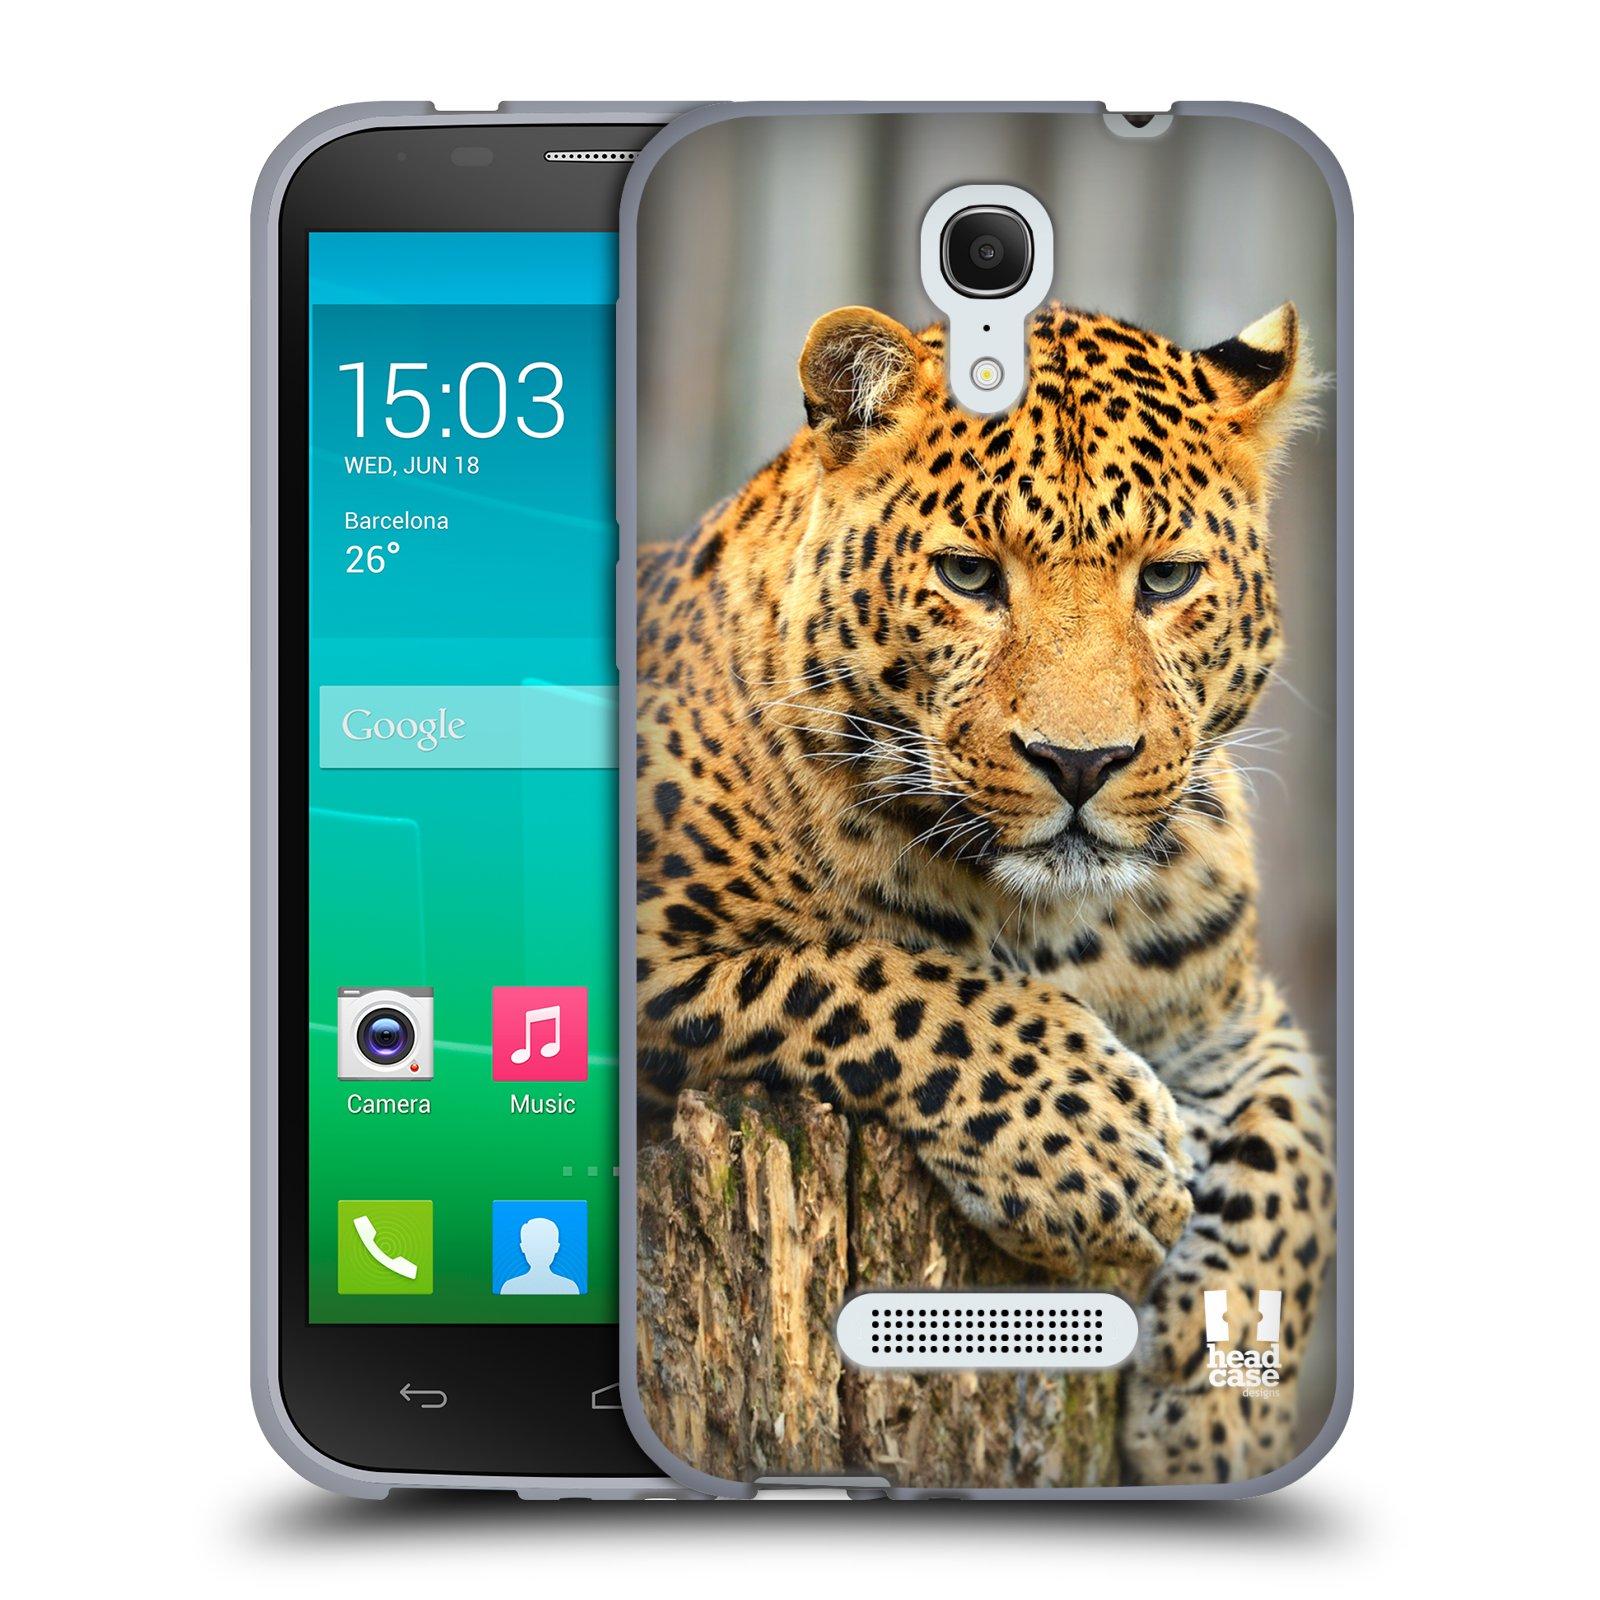 HEAD CASE silikonový obal na mobil Alcatel POP S7 vzor Divočina, Divoký život a zvířata foto LEOPARD PORTRÉT